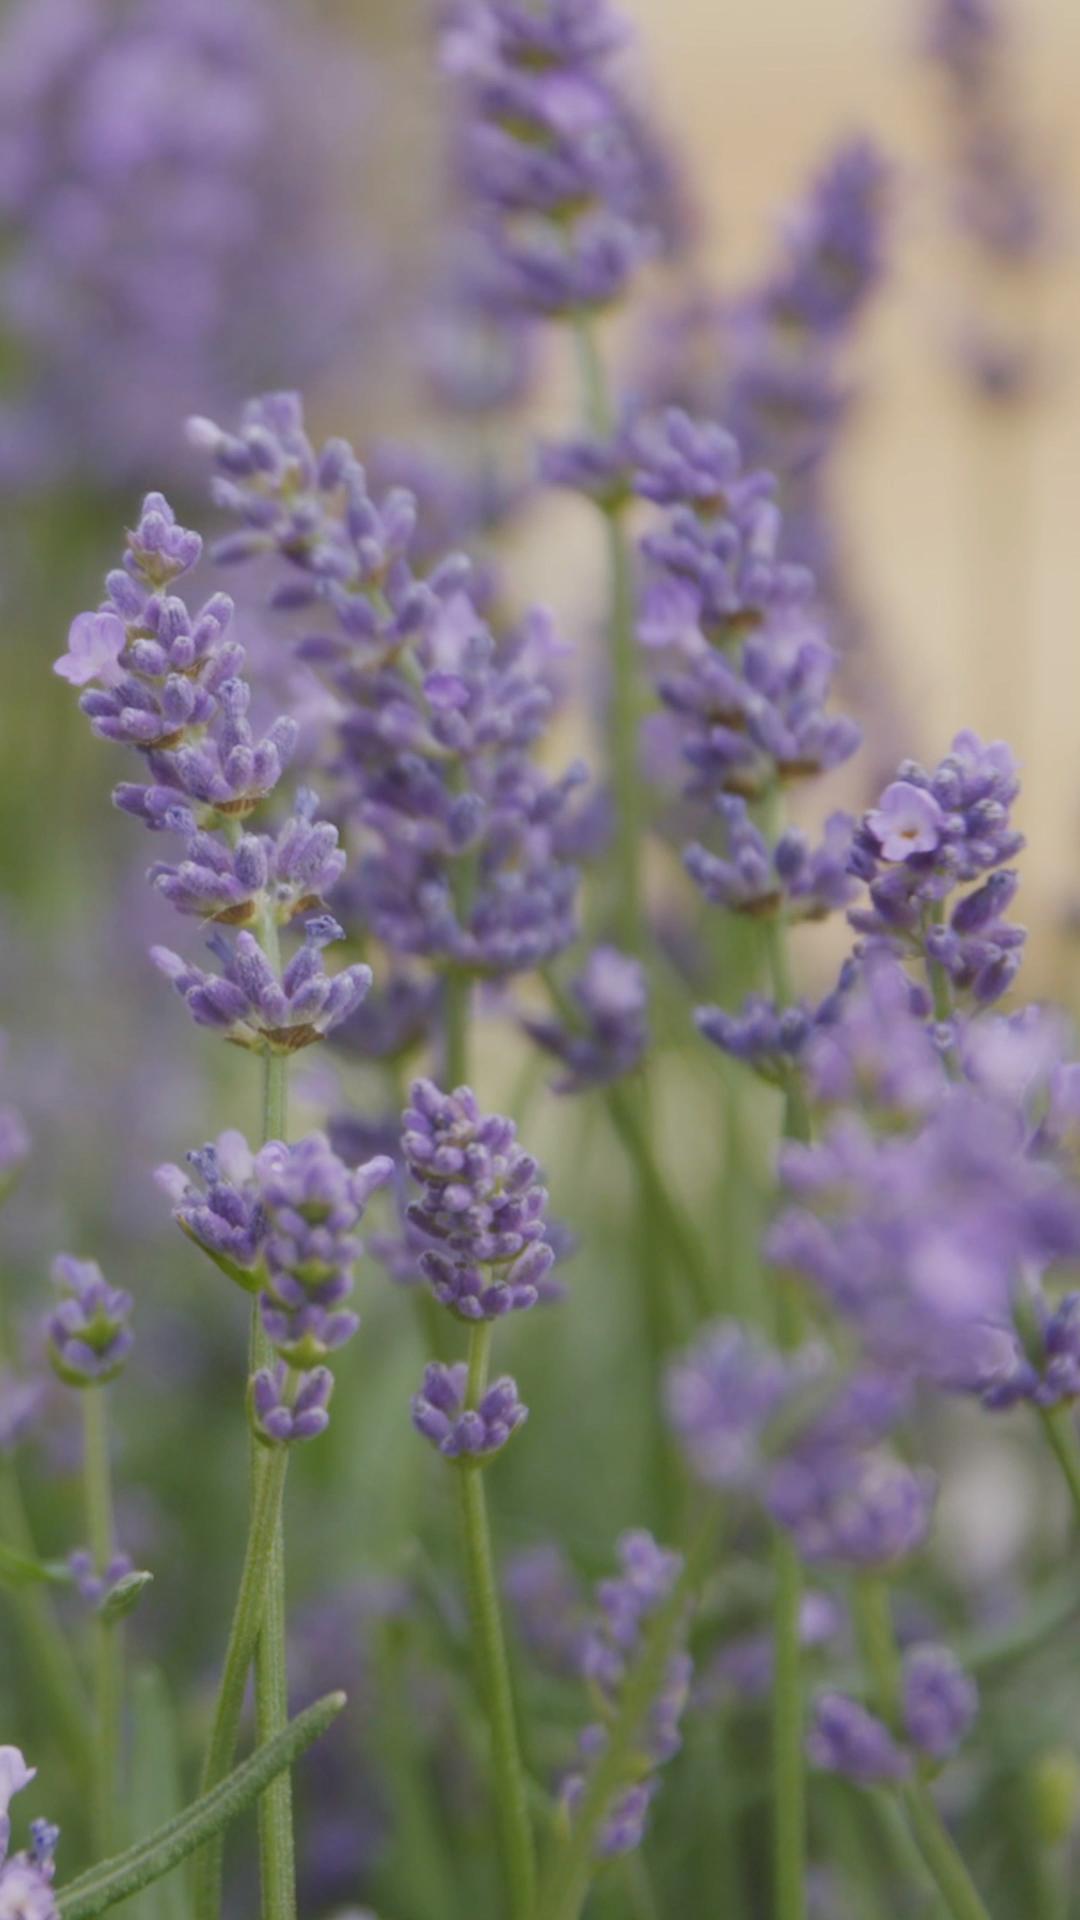 Woher Kommt Lavendel Der Standort Fur Lavendel Lavendel Pflanzen Passende Partner Duft Und Gewurzpflan In 2020 Lavender Plant Pollinator Garden Astrantia